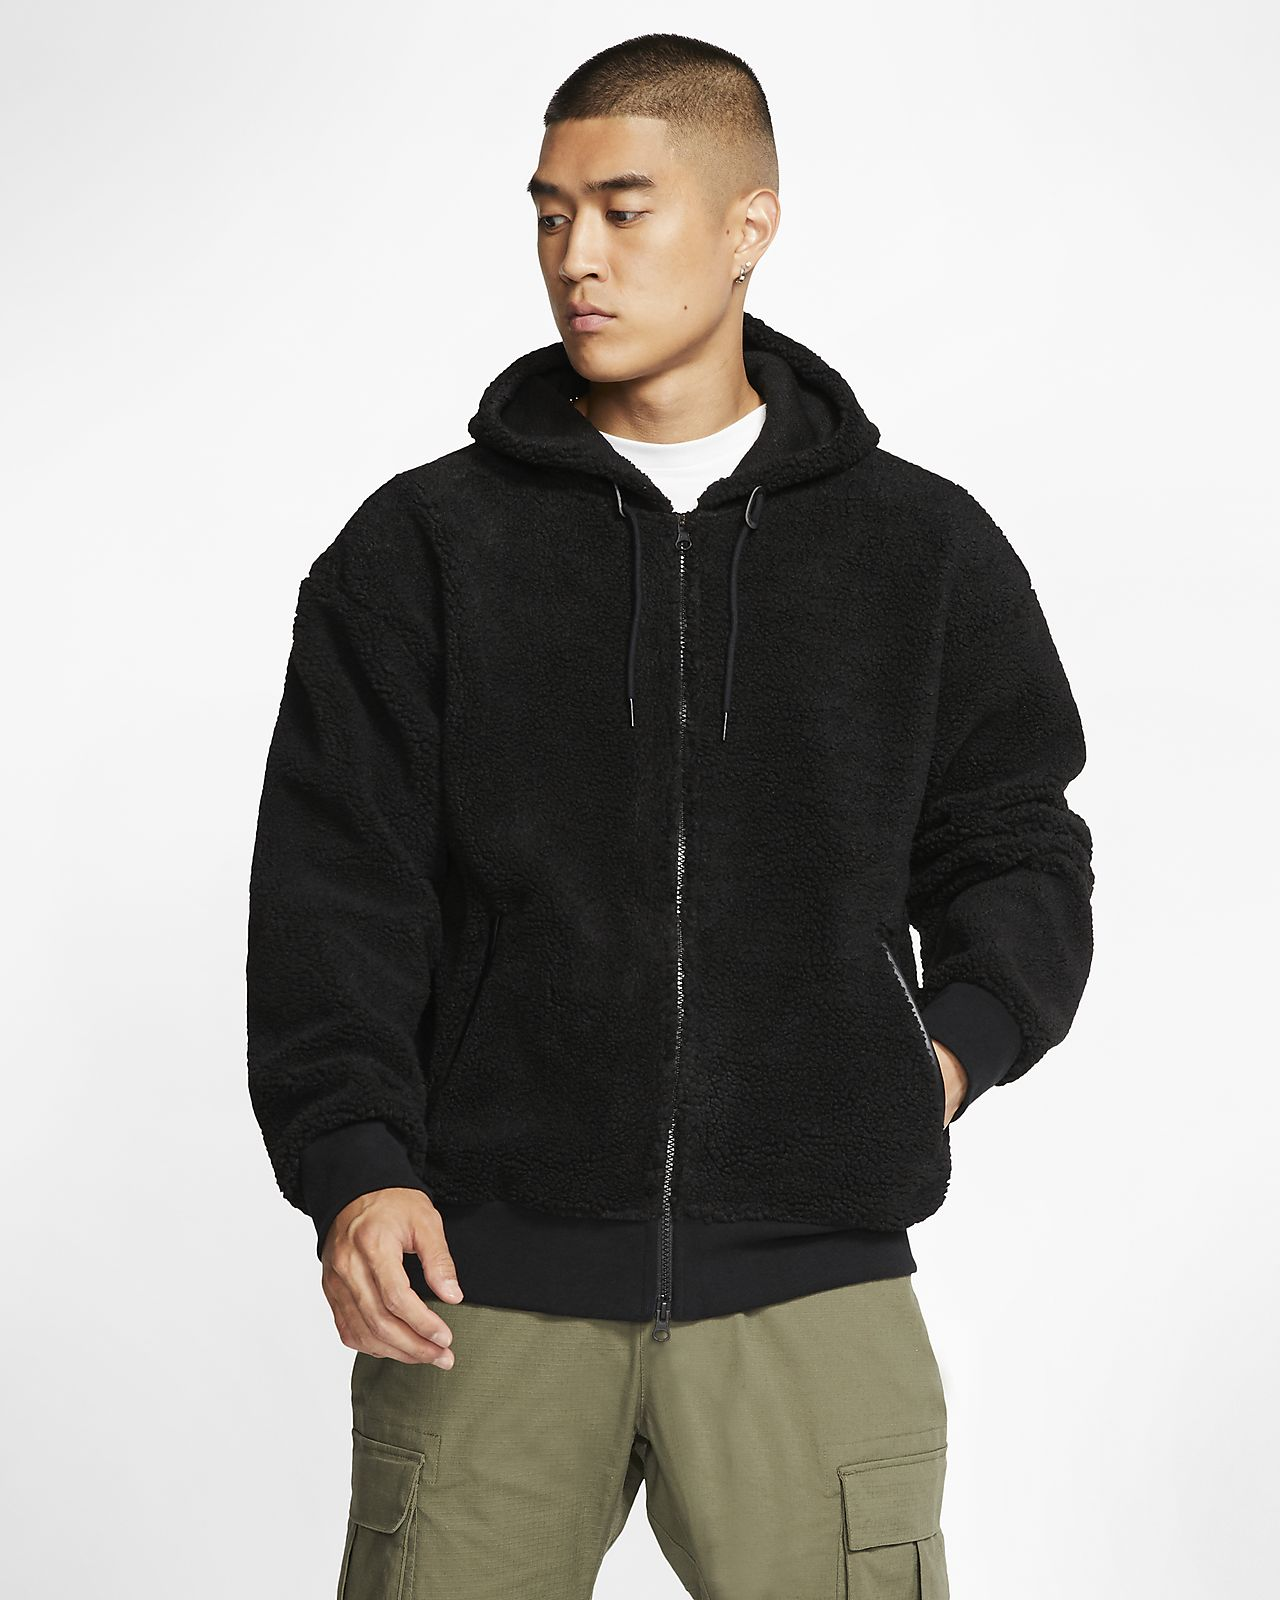 Ανδρική μπλούζα με κουκούλα από ύφασμα Sherpa για skateboarding Nike SB